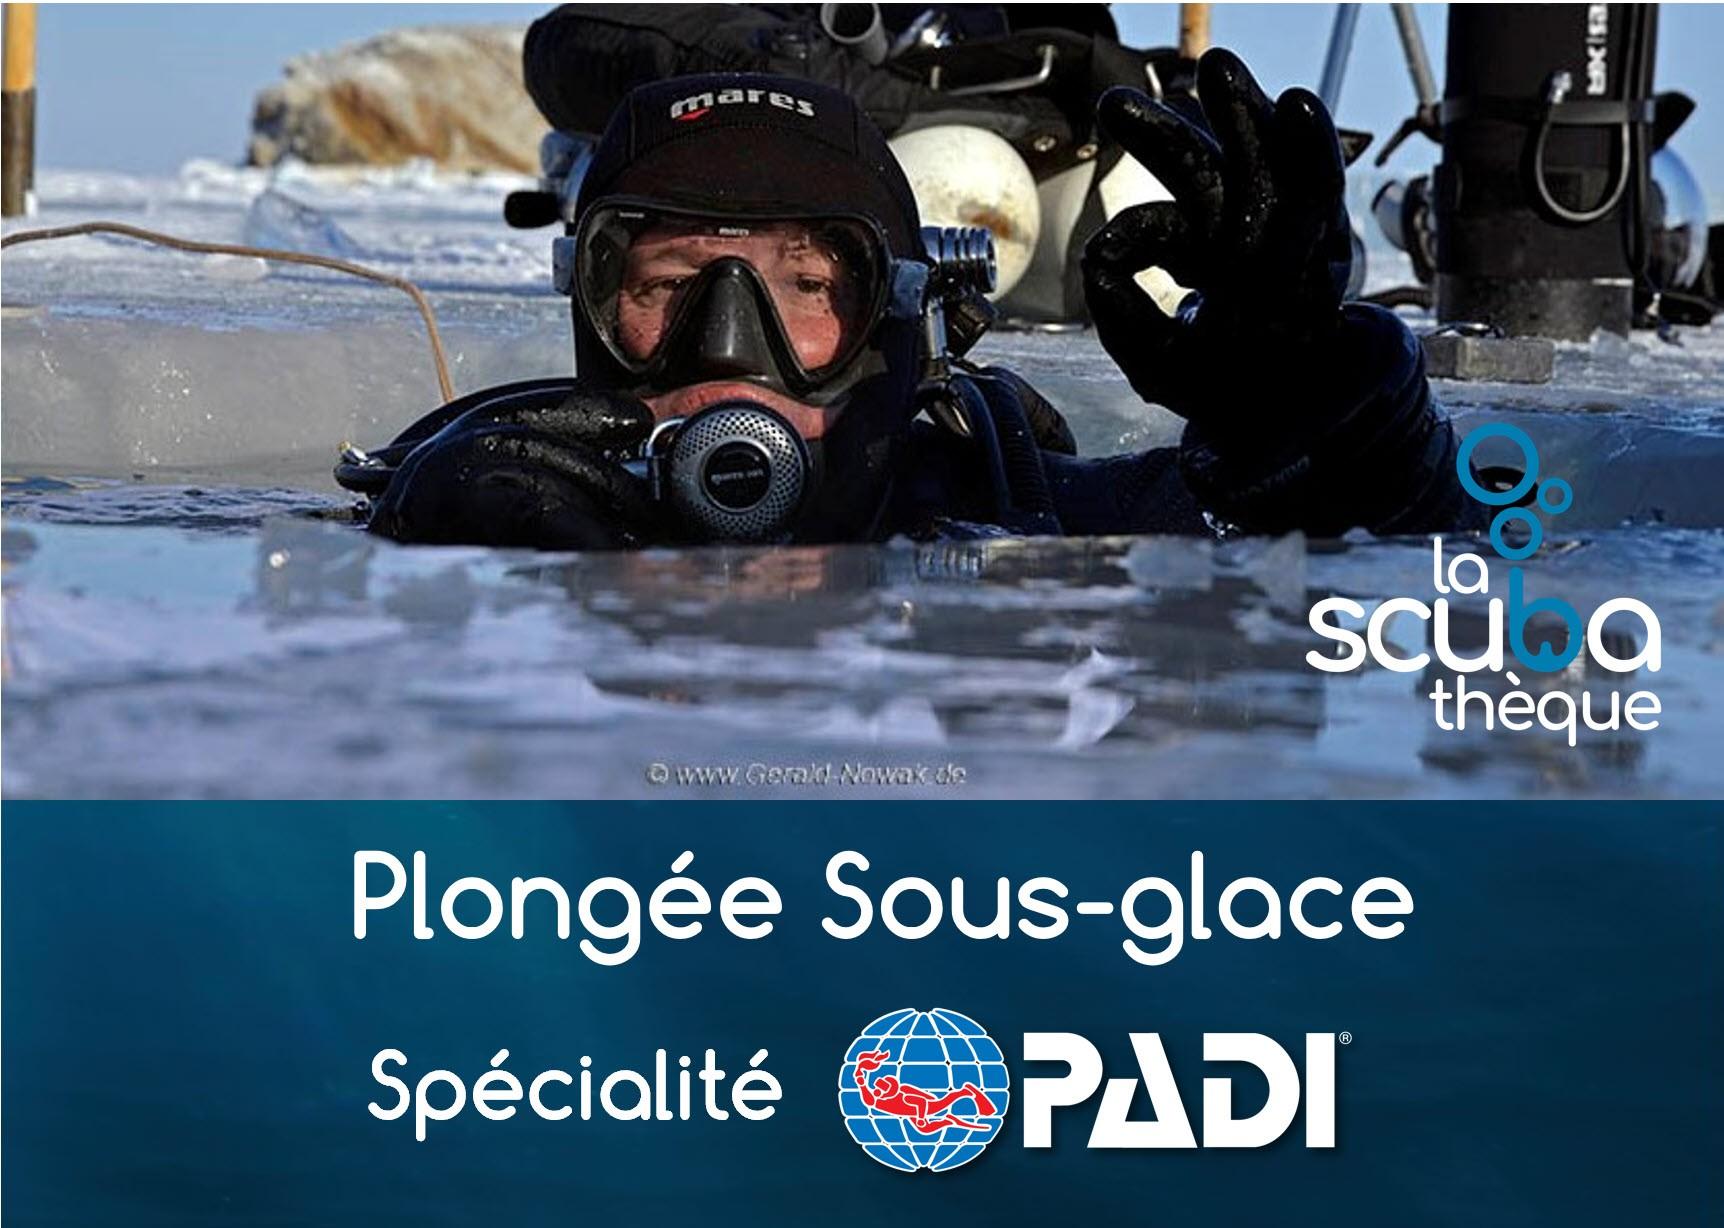 Spécialité PADI plongée sous glace à Valley FieId - Théorie à Québec le 12 mars  et à Valley FieId le 15 mars